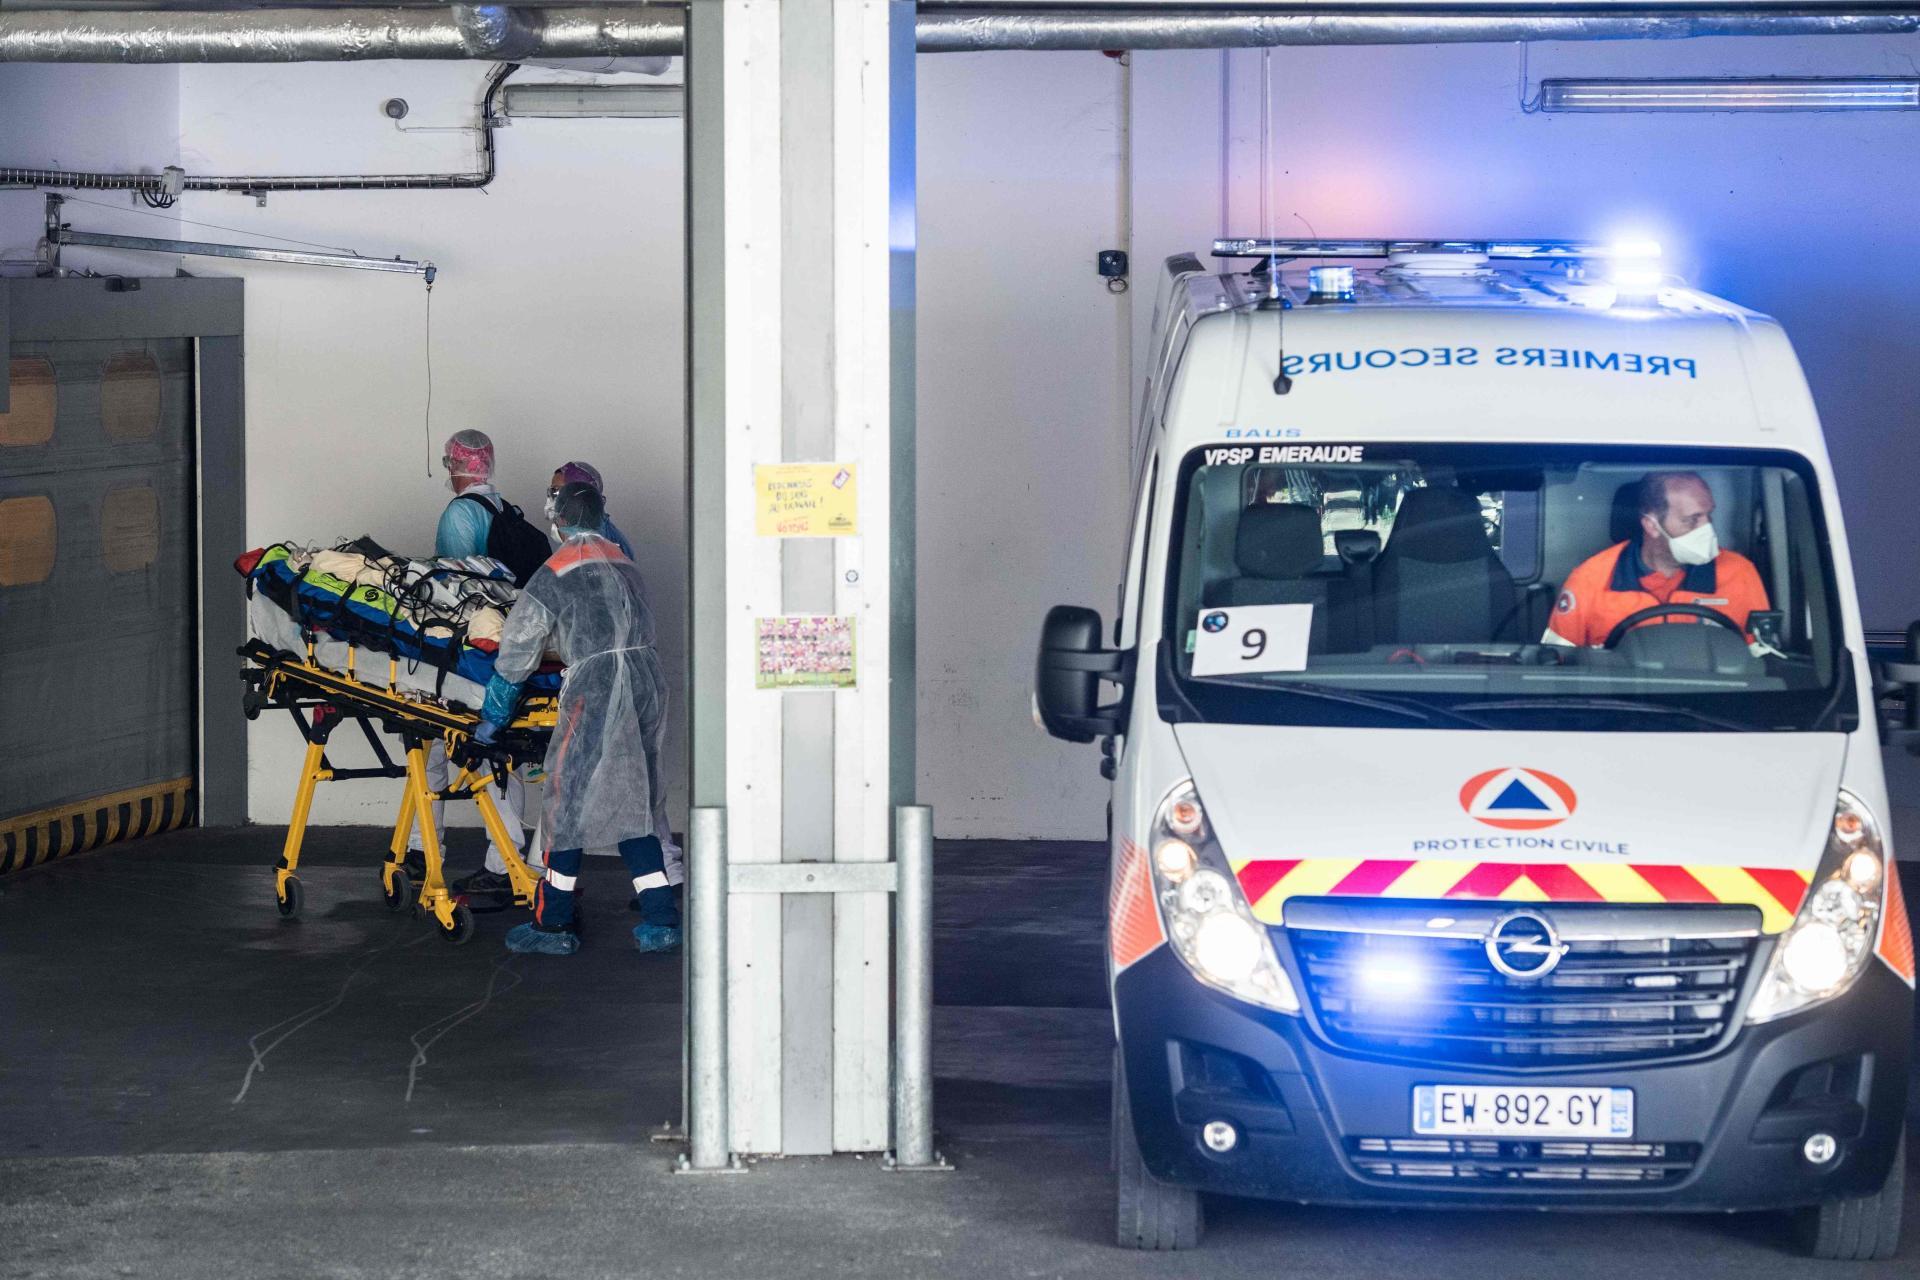 L'accueil des patients et le soutien des équipes a été possible à Rennes car actuellement le CHU n'est pas saturé.